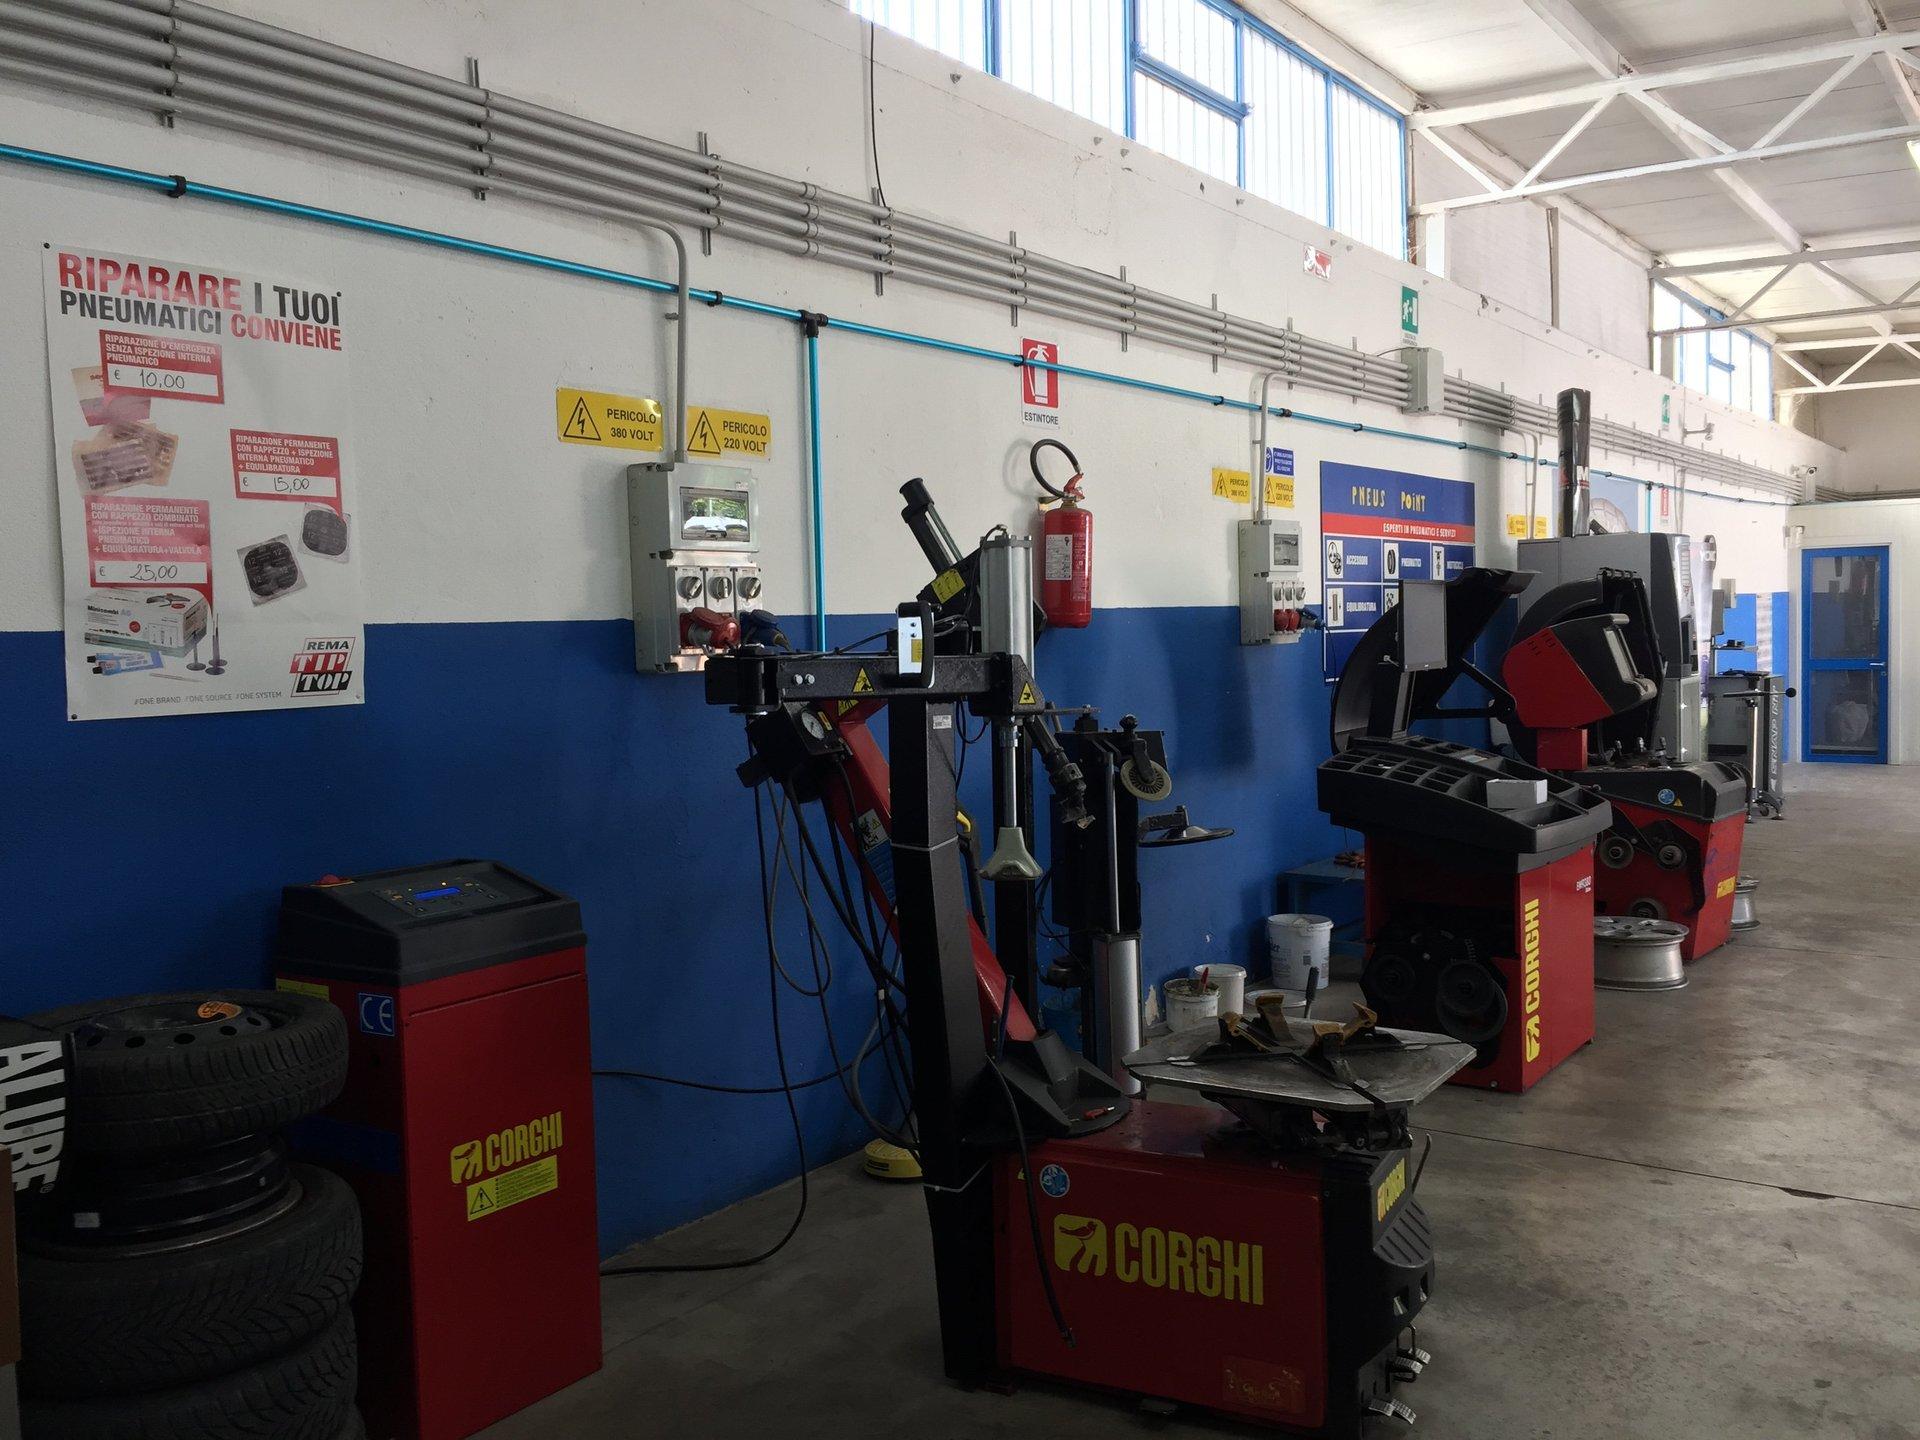 Dei macchinari per pneumatici